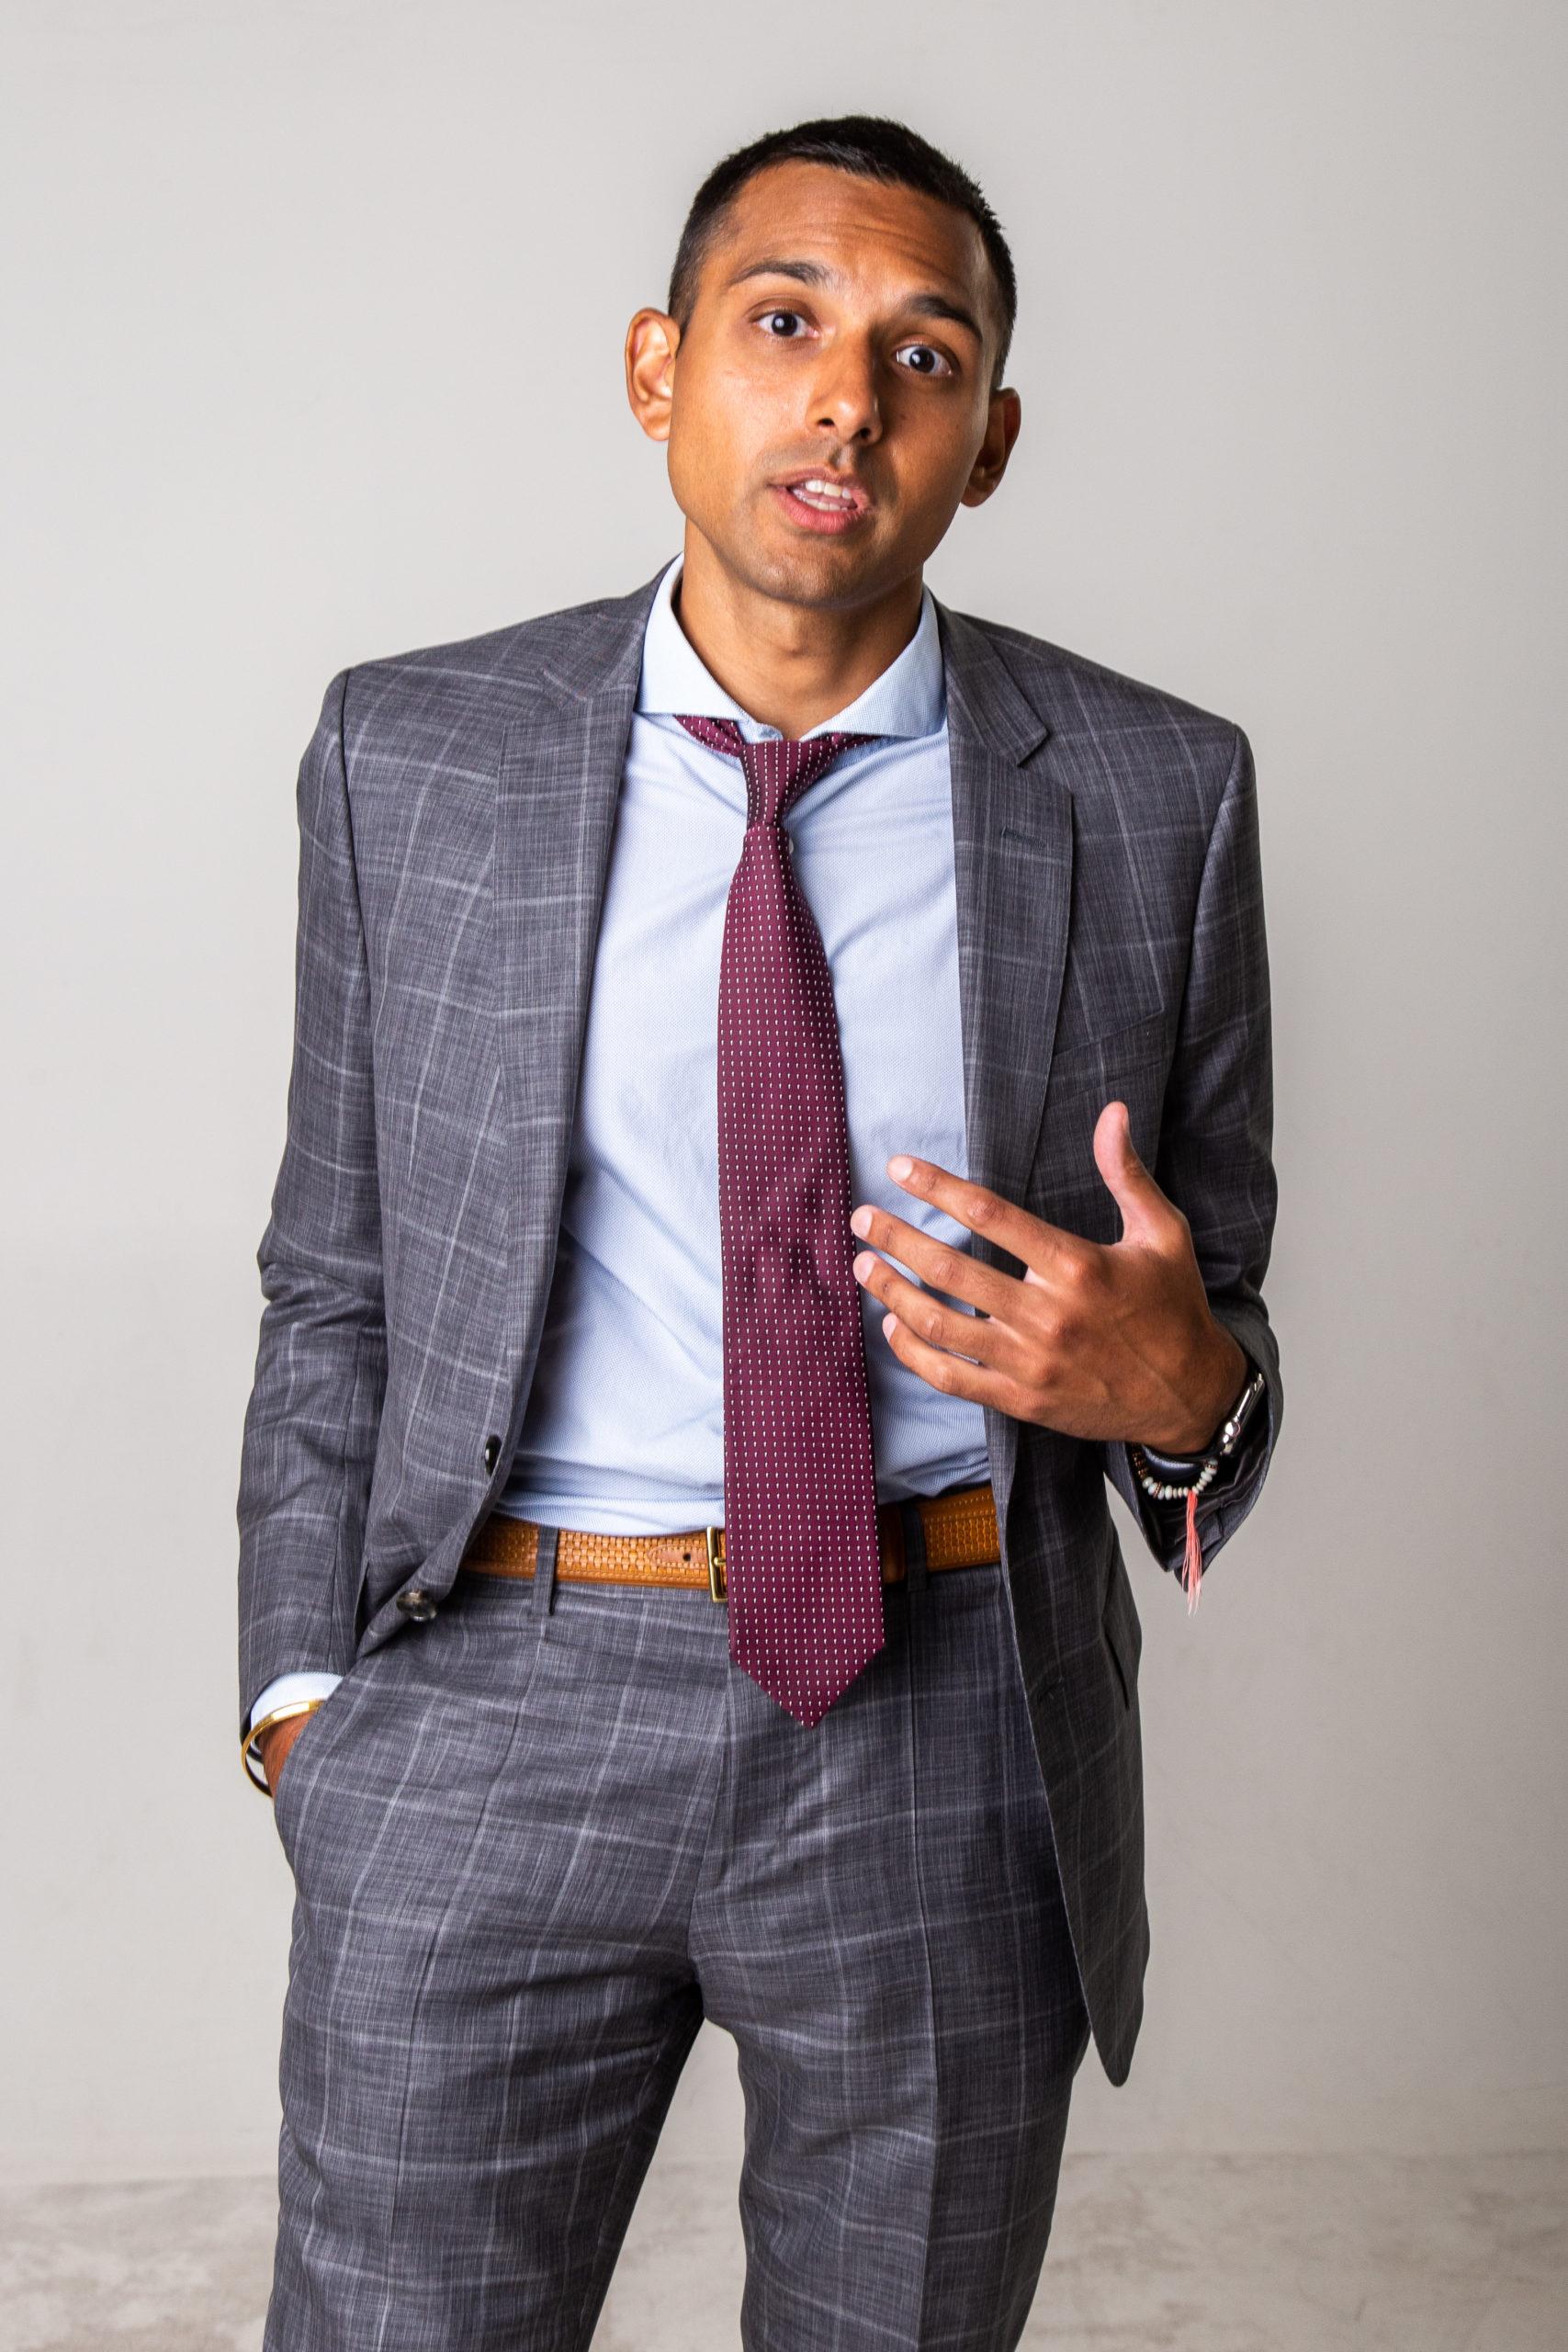 Raj Dhaliwal | 2020 20 In Their 20s